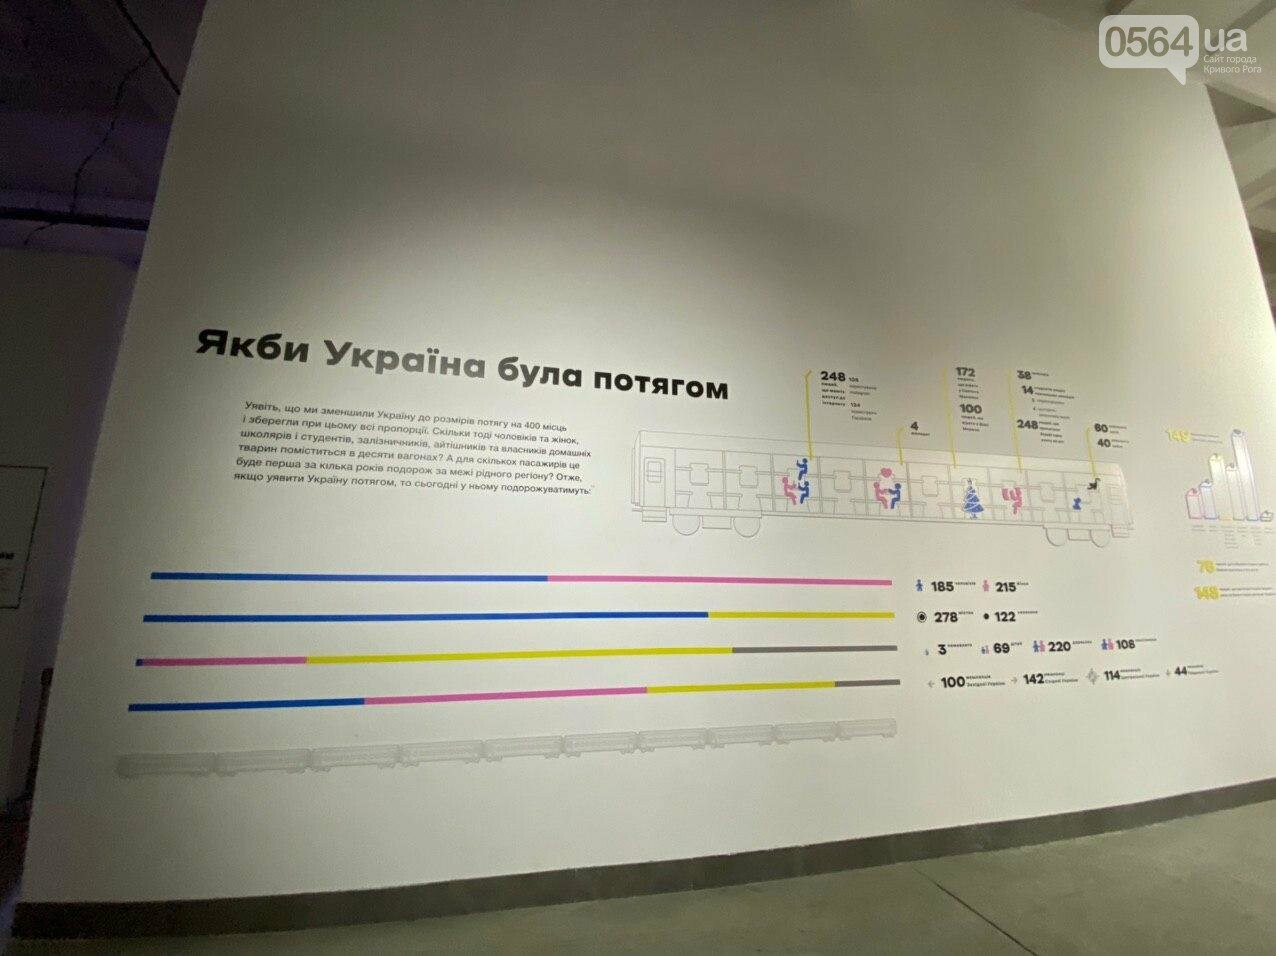 Ukraine WOW: что можно было узнать о Кривом Роге на интерактивной выставке, - ФОТО , фото-13